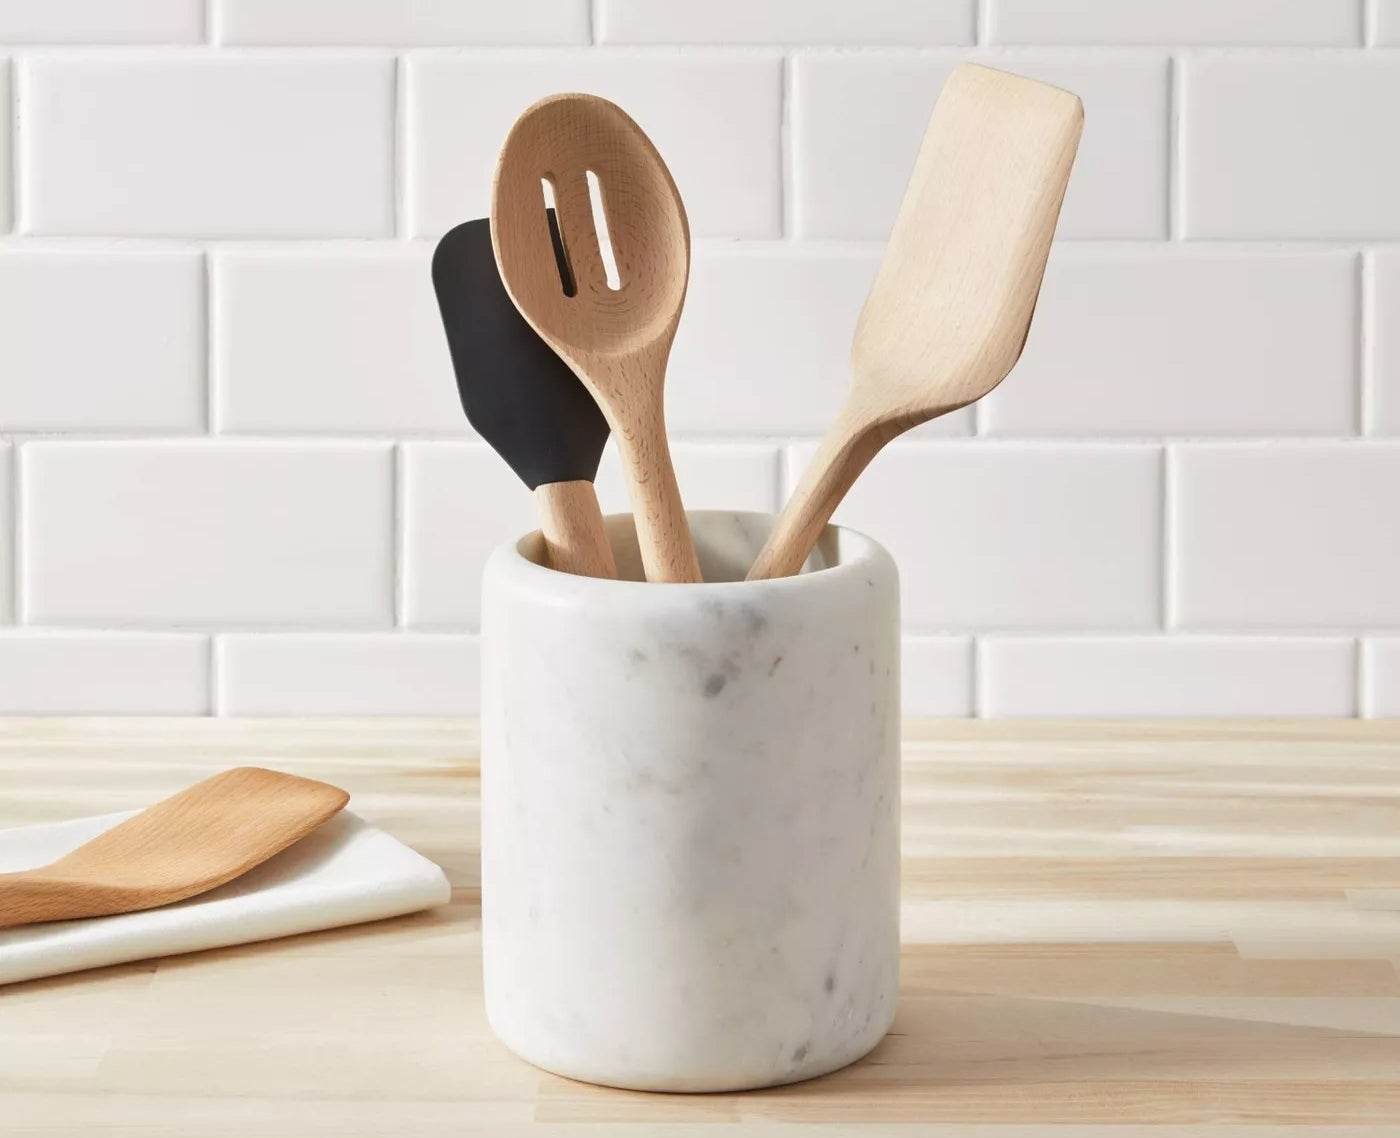 utensil holder with utensils on counter